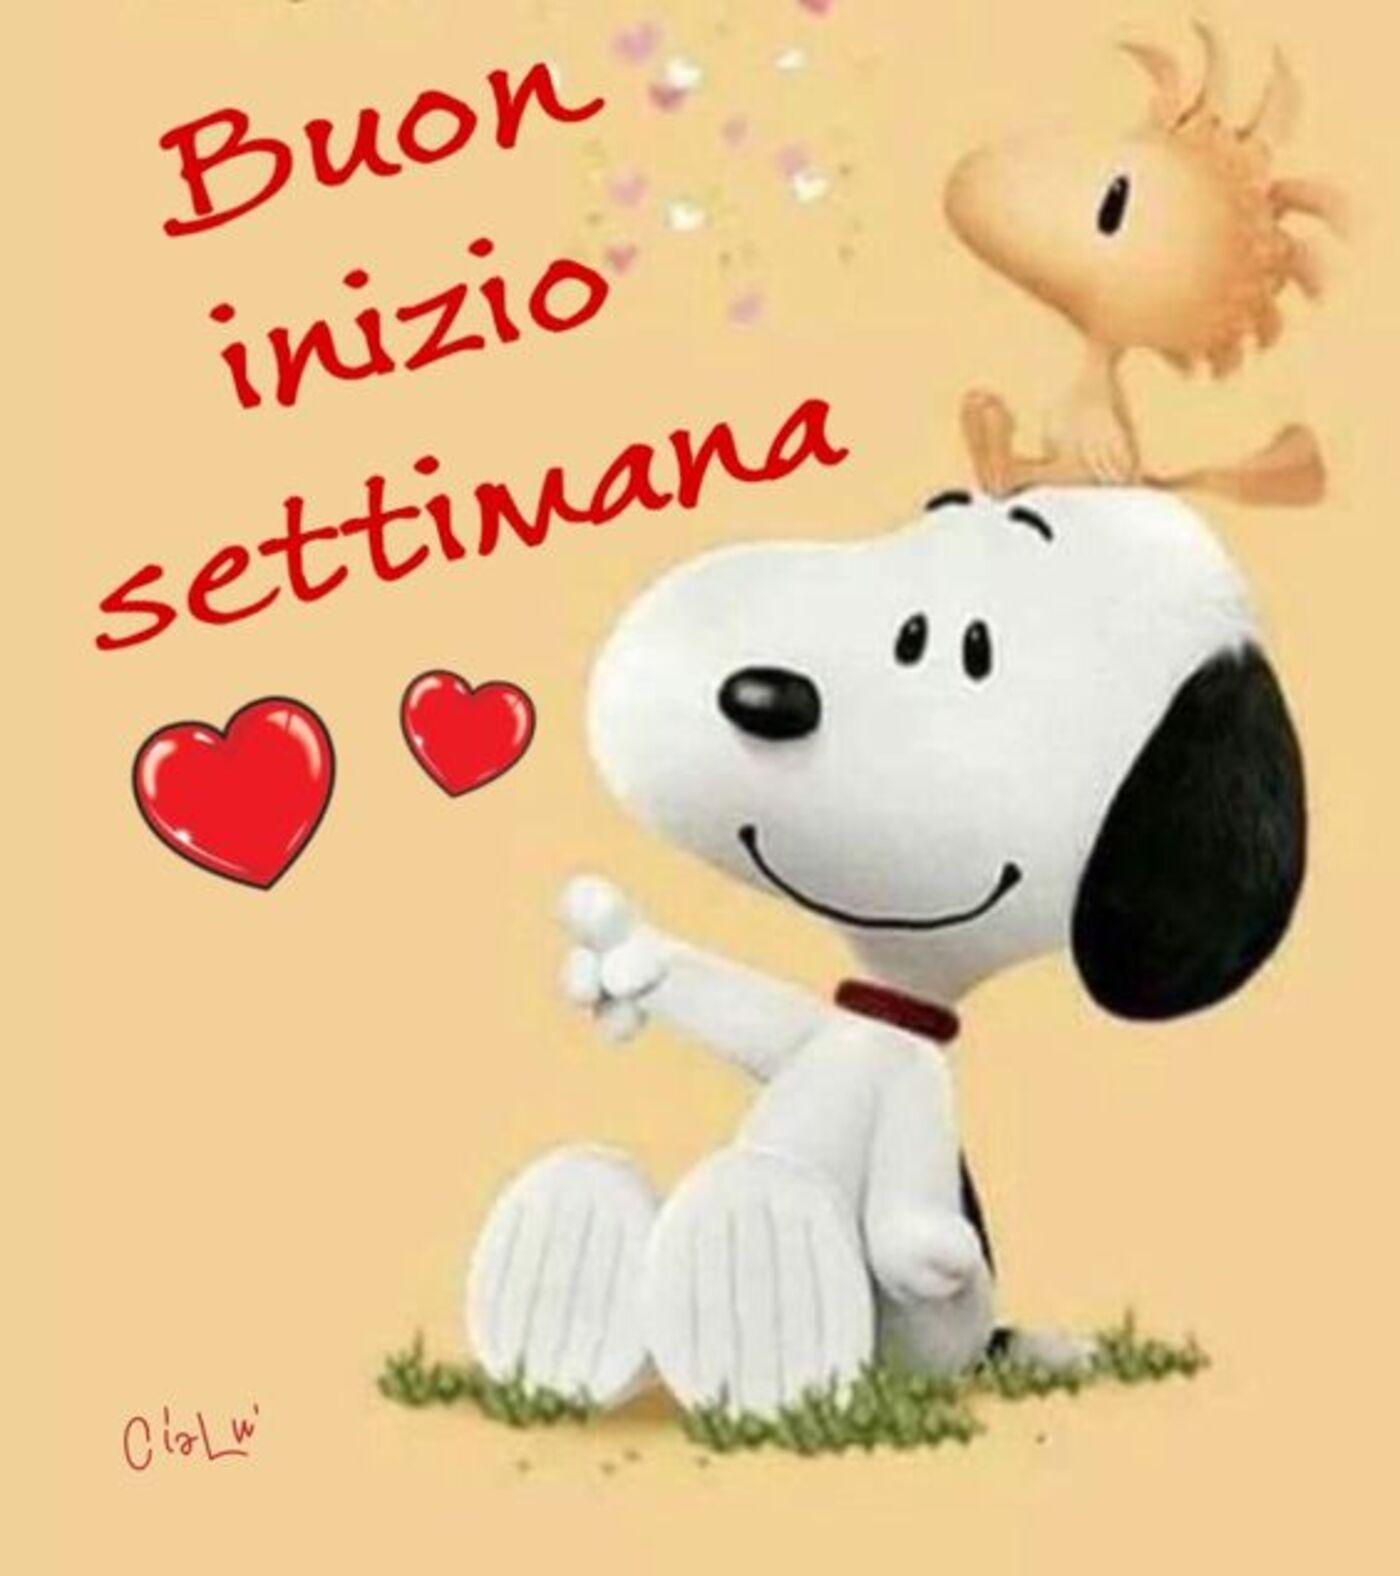 Buon Inizio Settimana da Snoopy